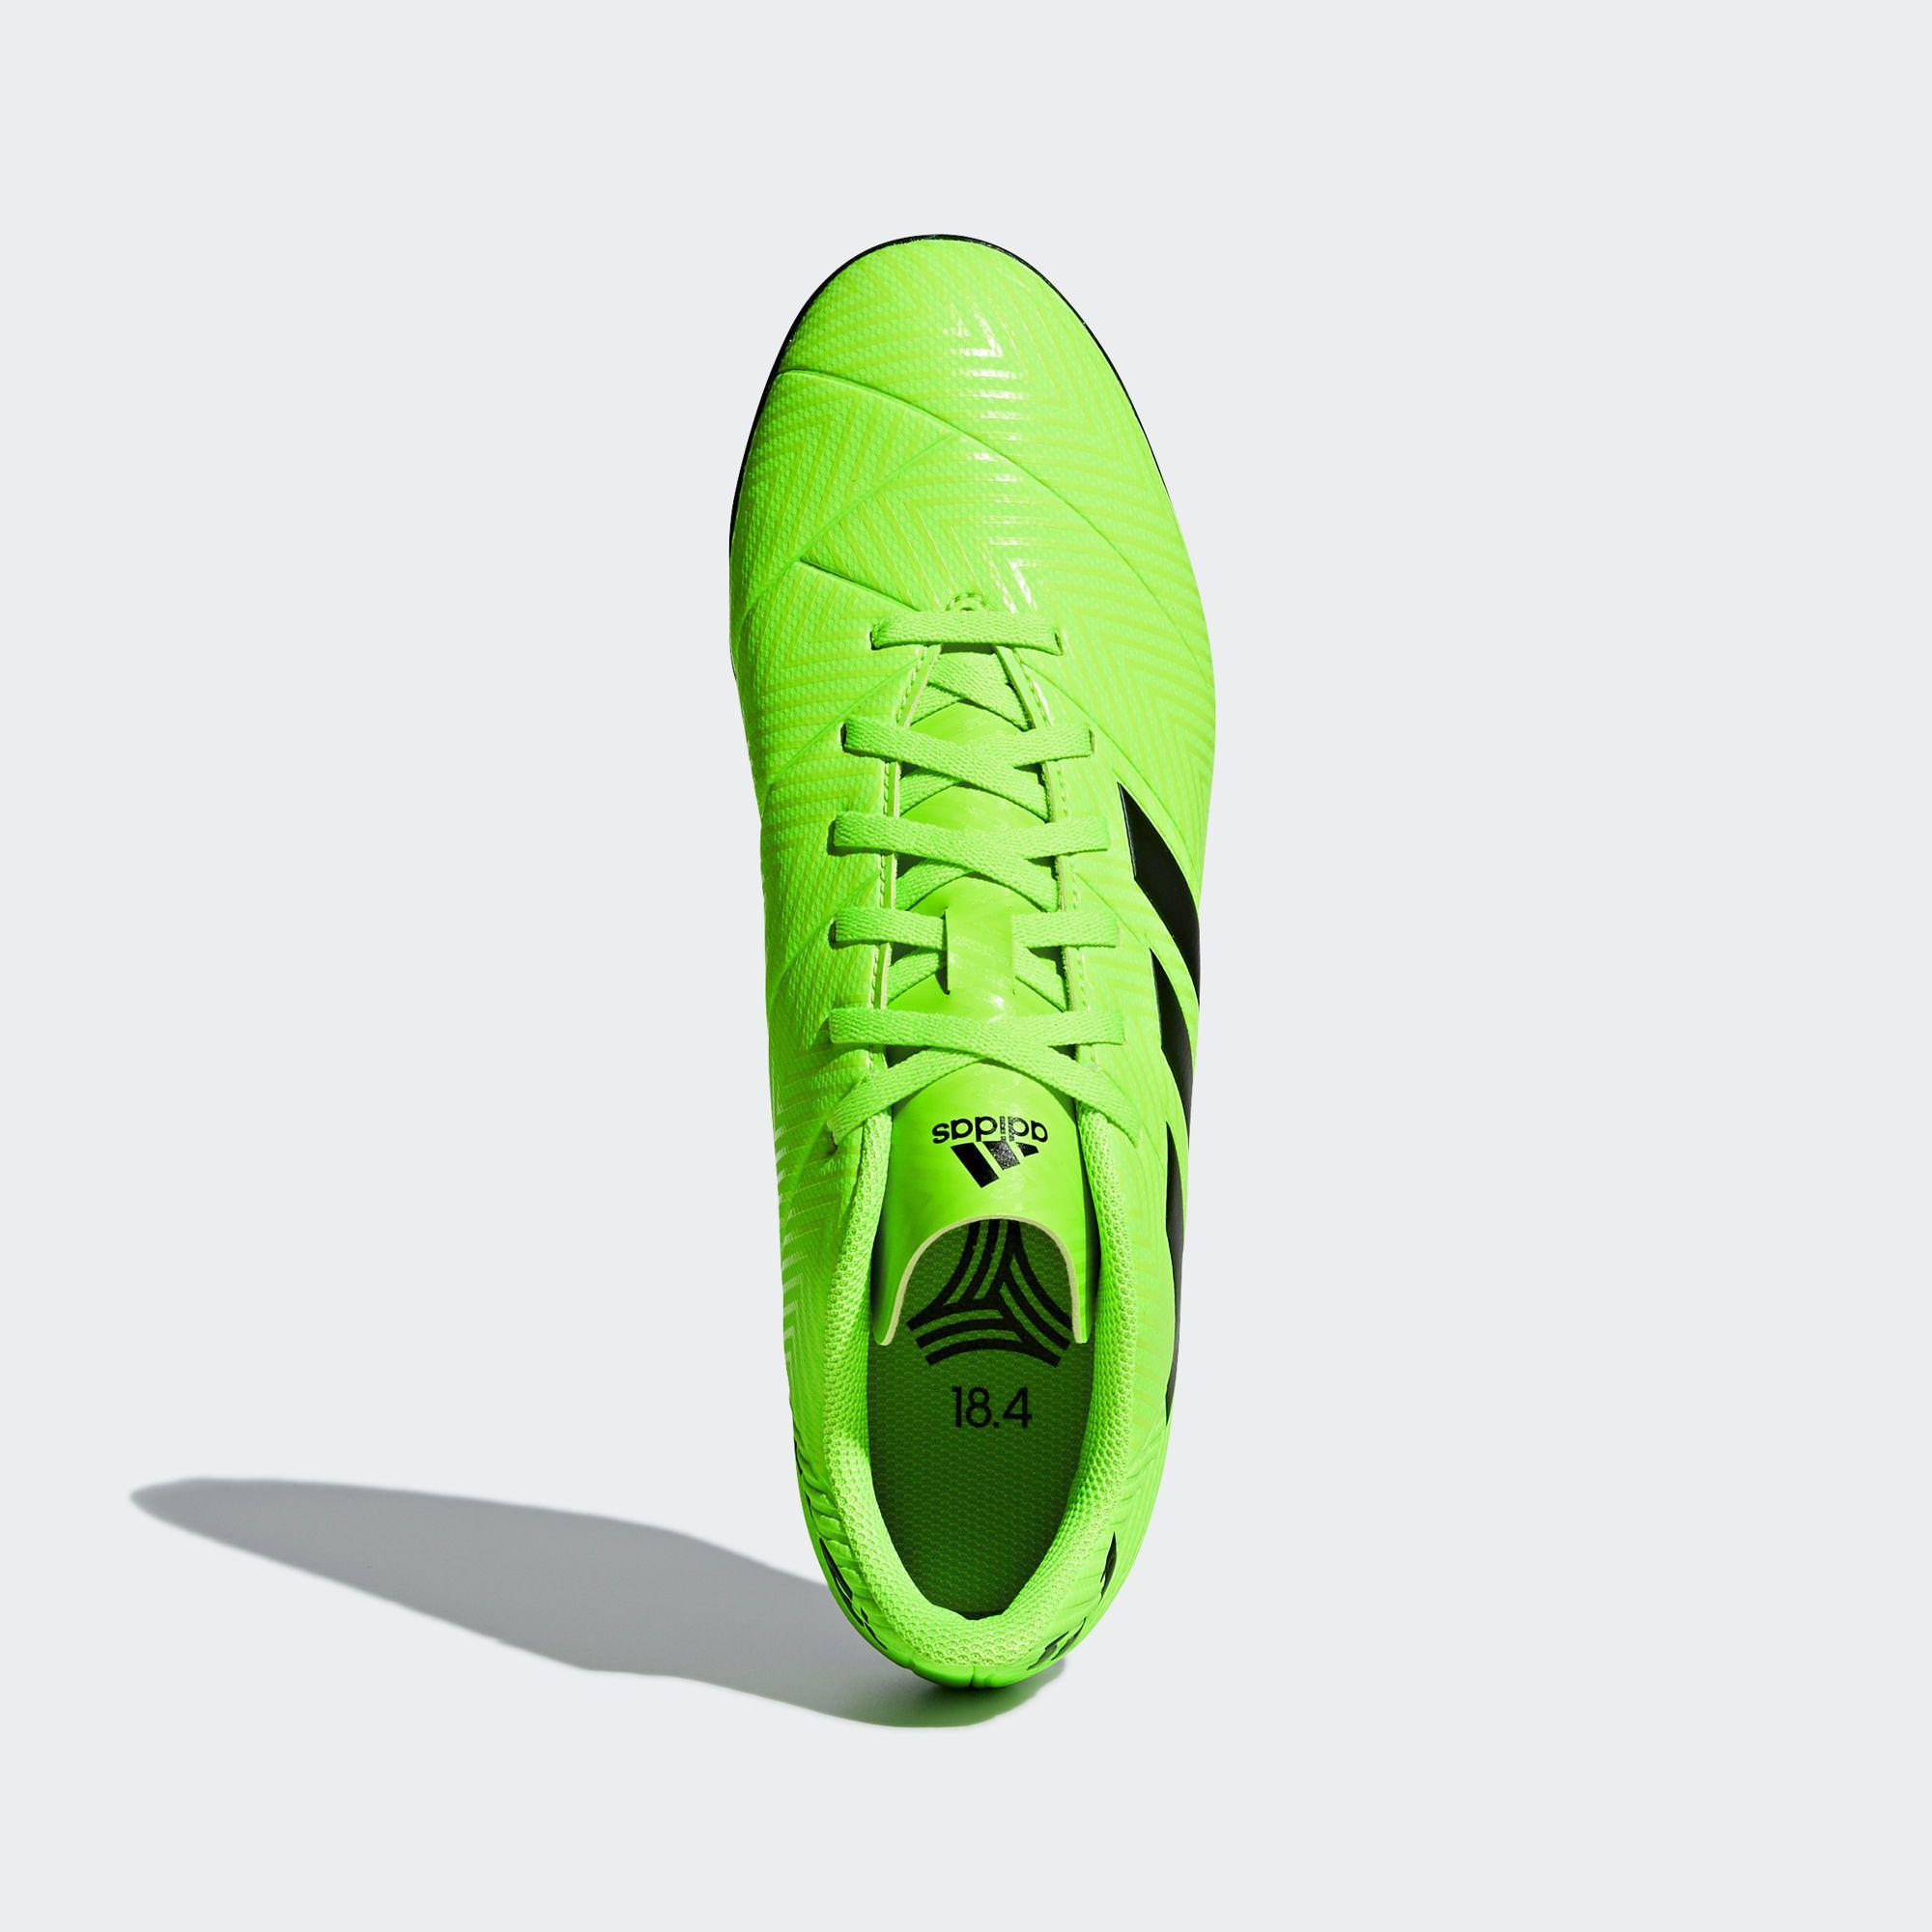 Chuteira Society Adidas Nemeziz Messi Tango 18.4 - Verde